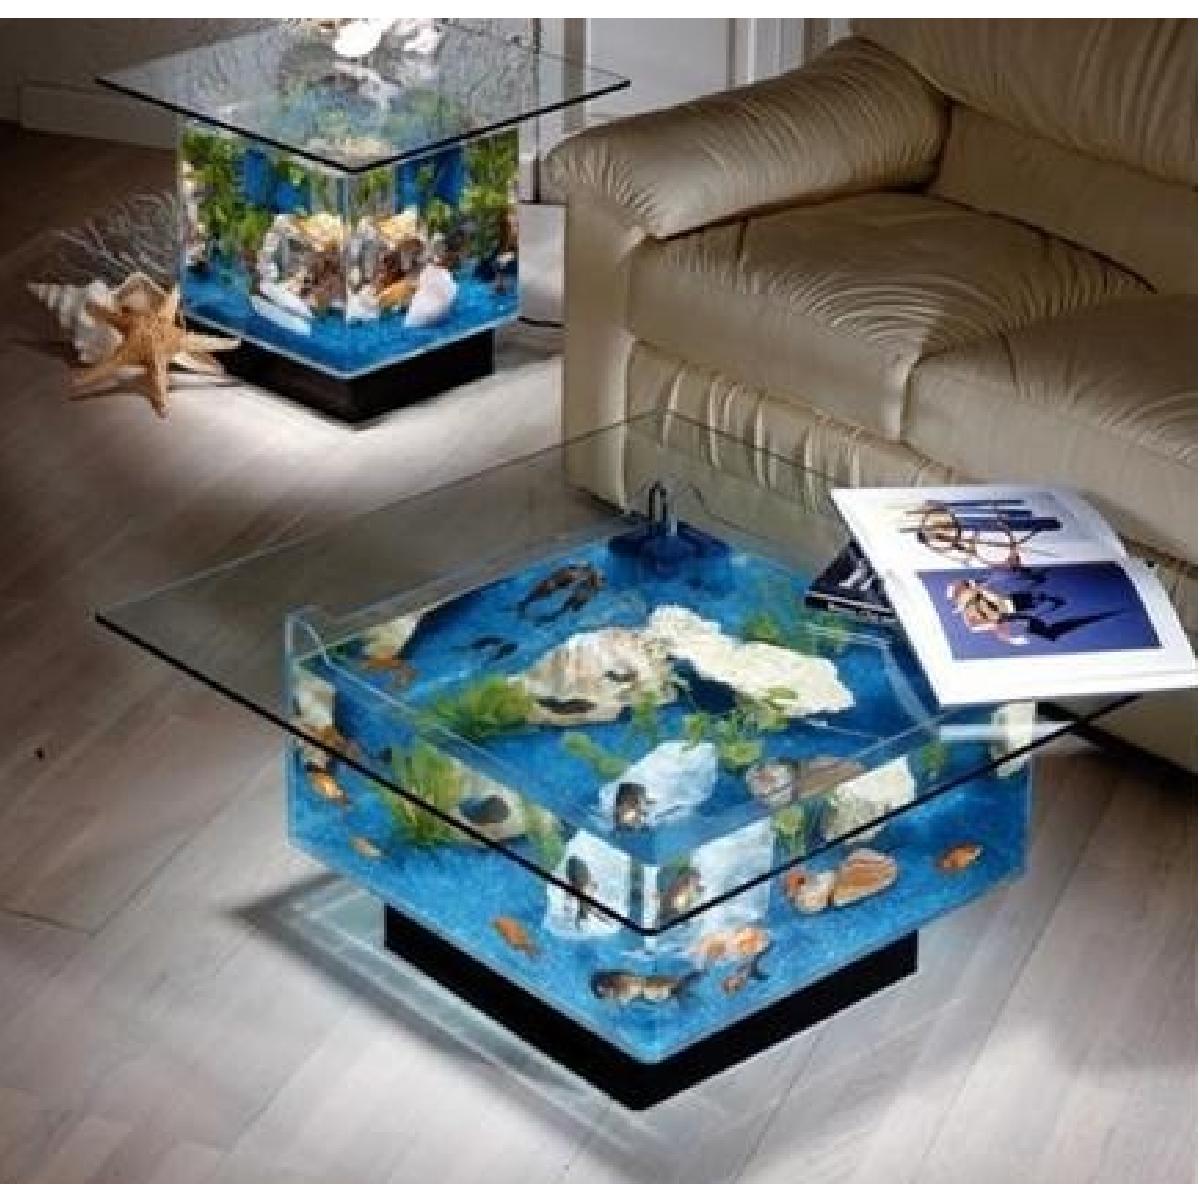 Cadeaux 2 ouf id es de cadeaux insolites et originaux for Aquarium insolite